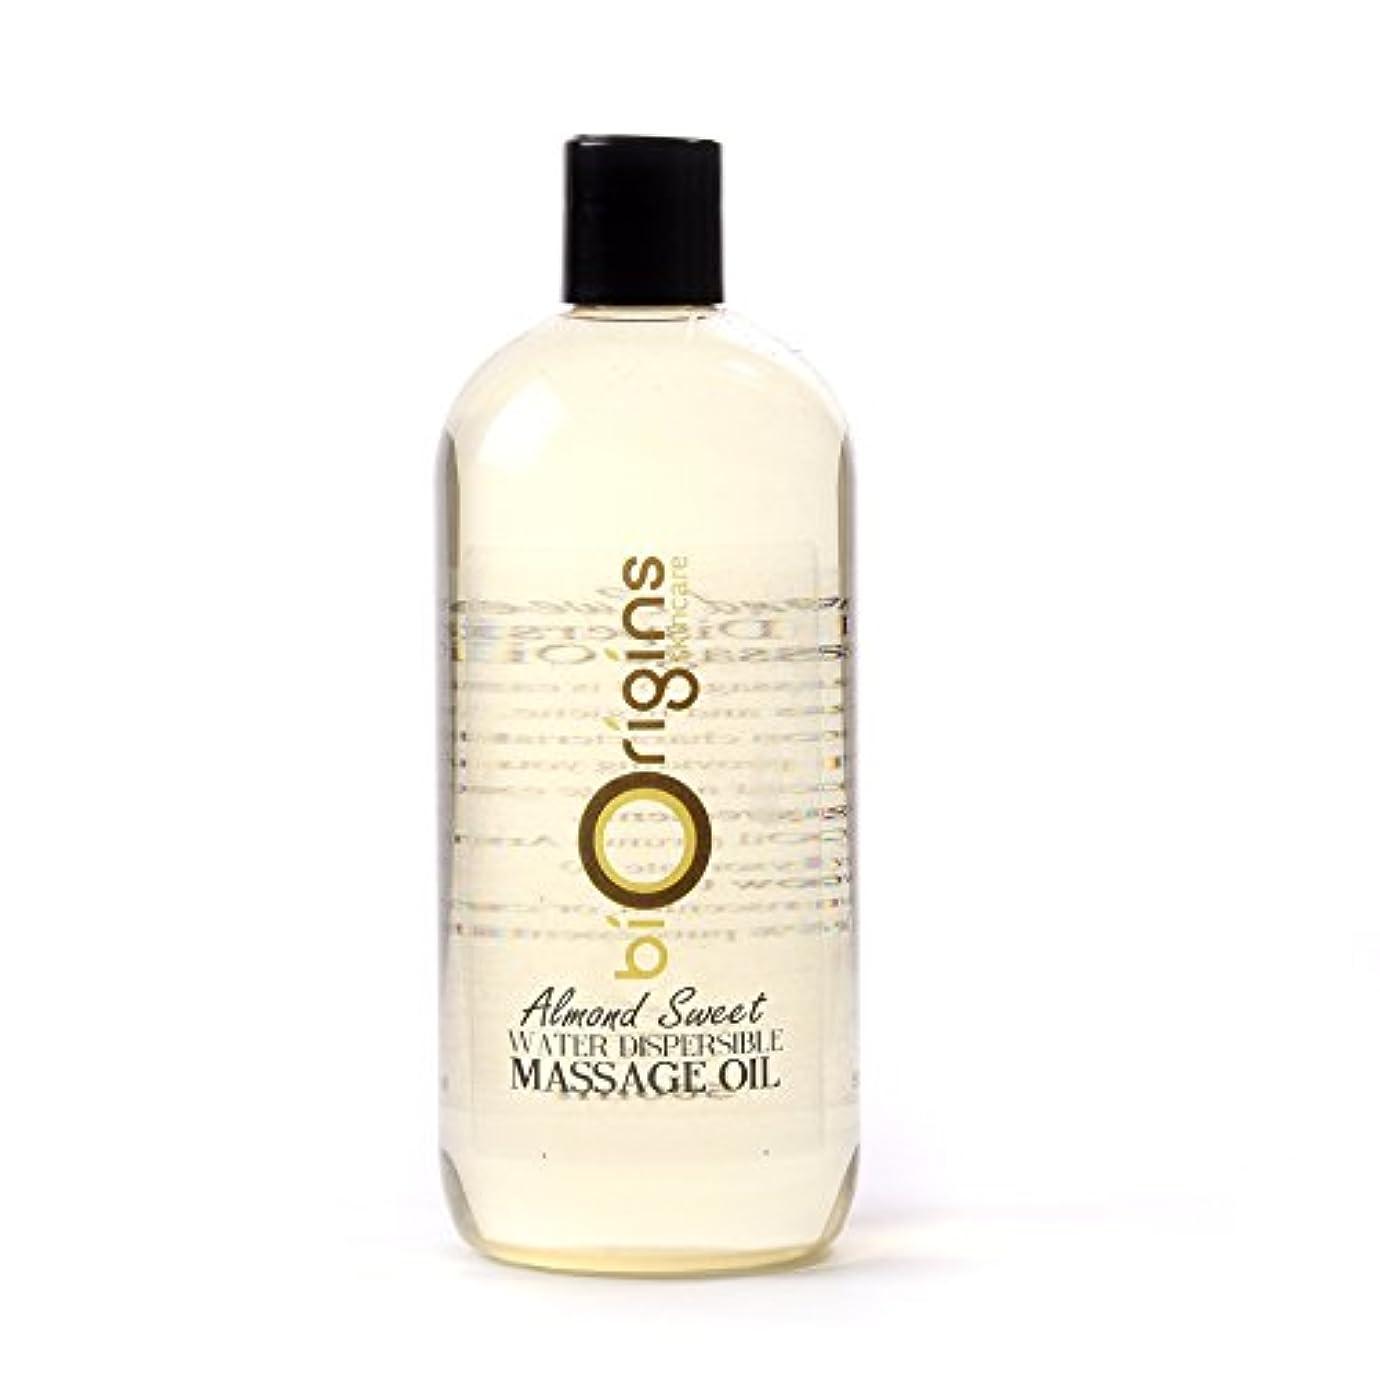 距離違反するどちらもAlmond Sweet Water Dispersible Massage Oil - 1 Litre - 100% Pure